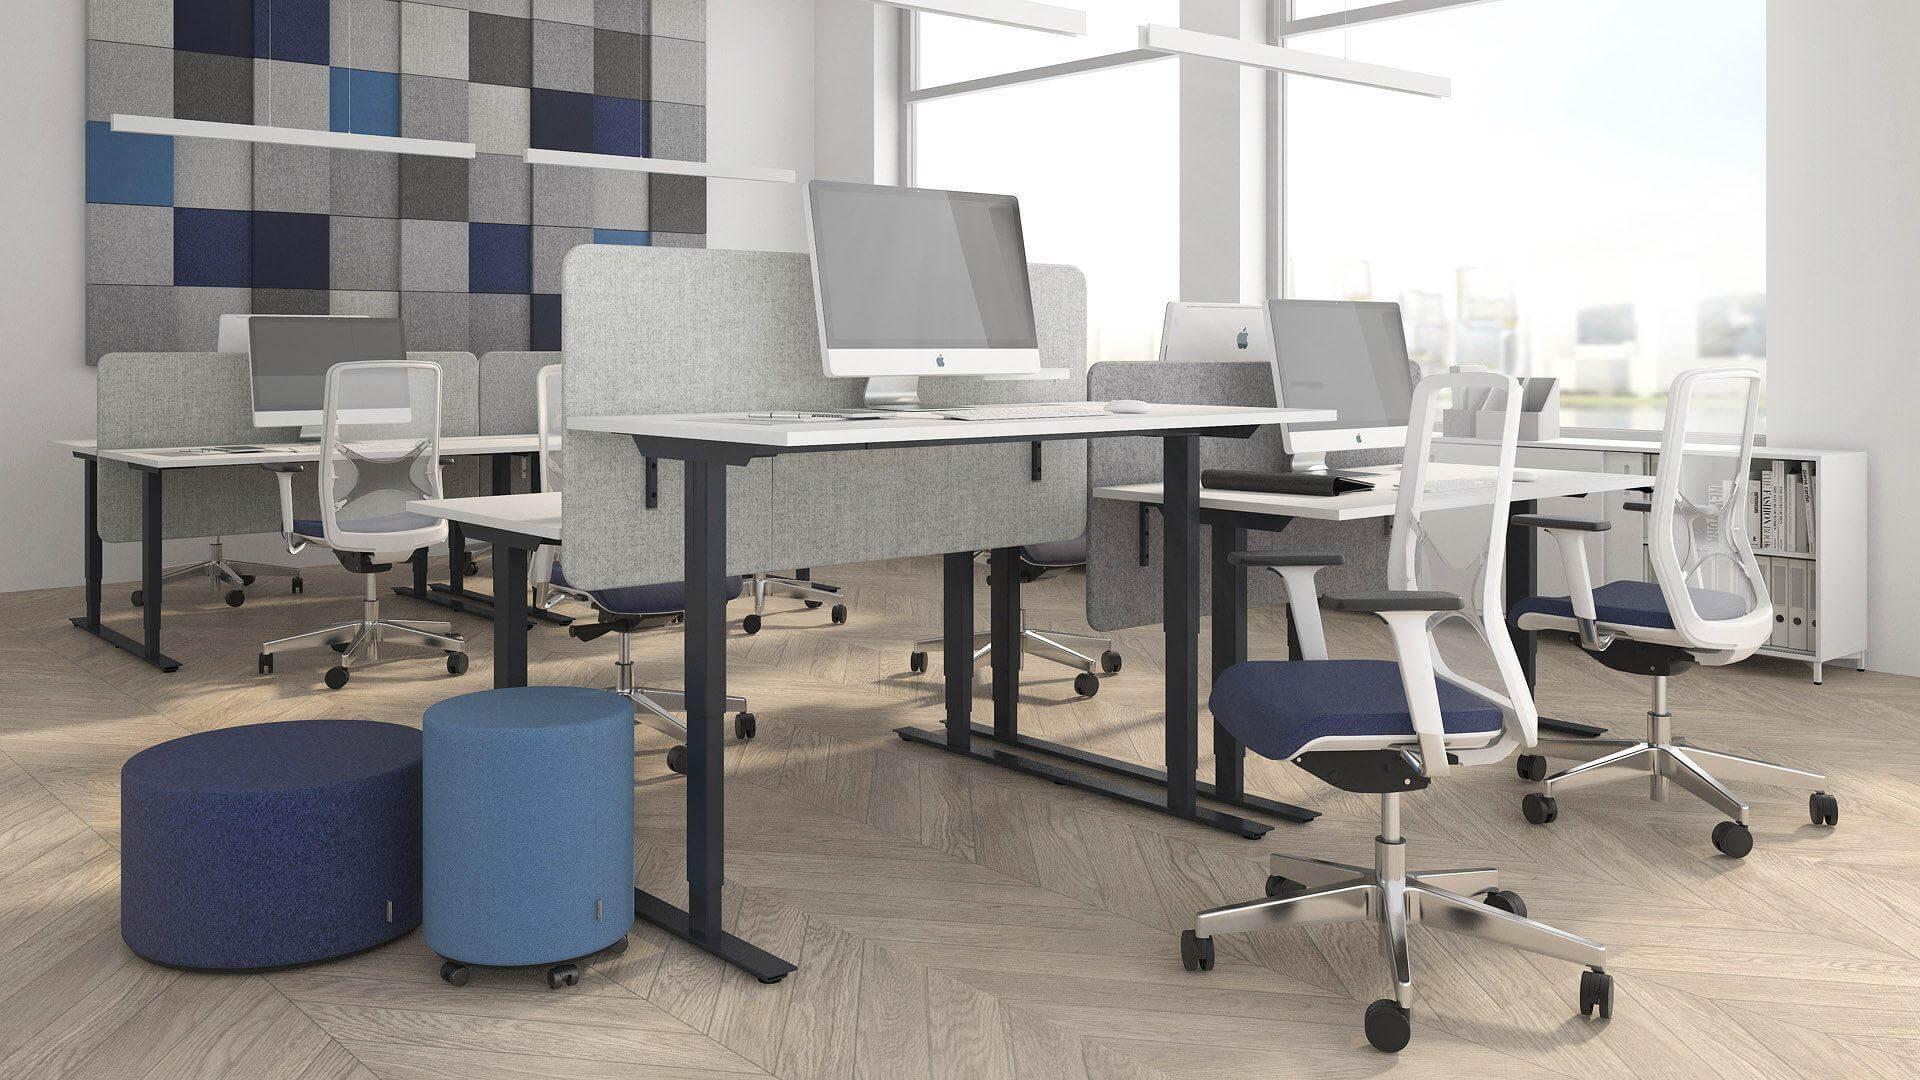 oświetlone biuro z dużymi oknami